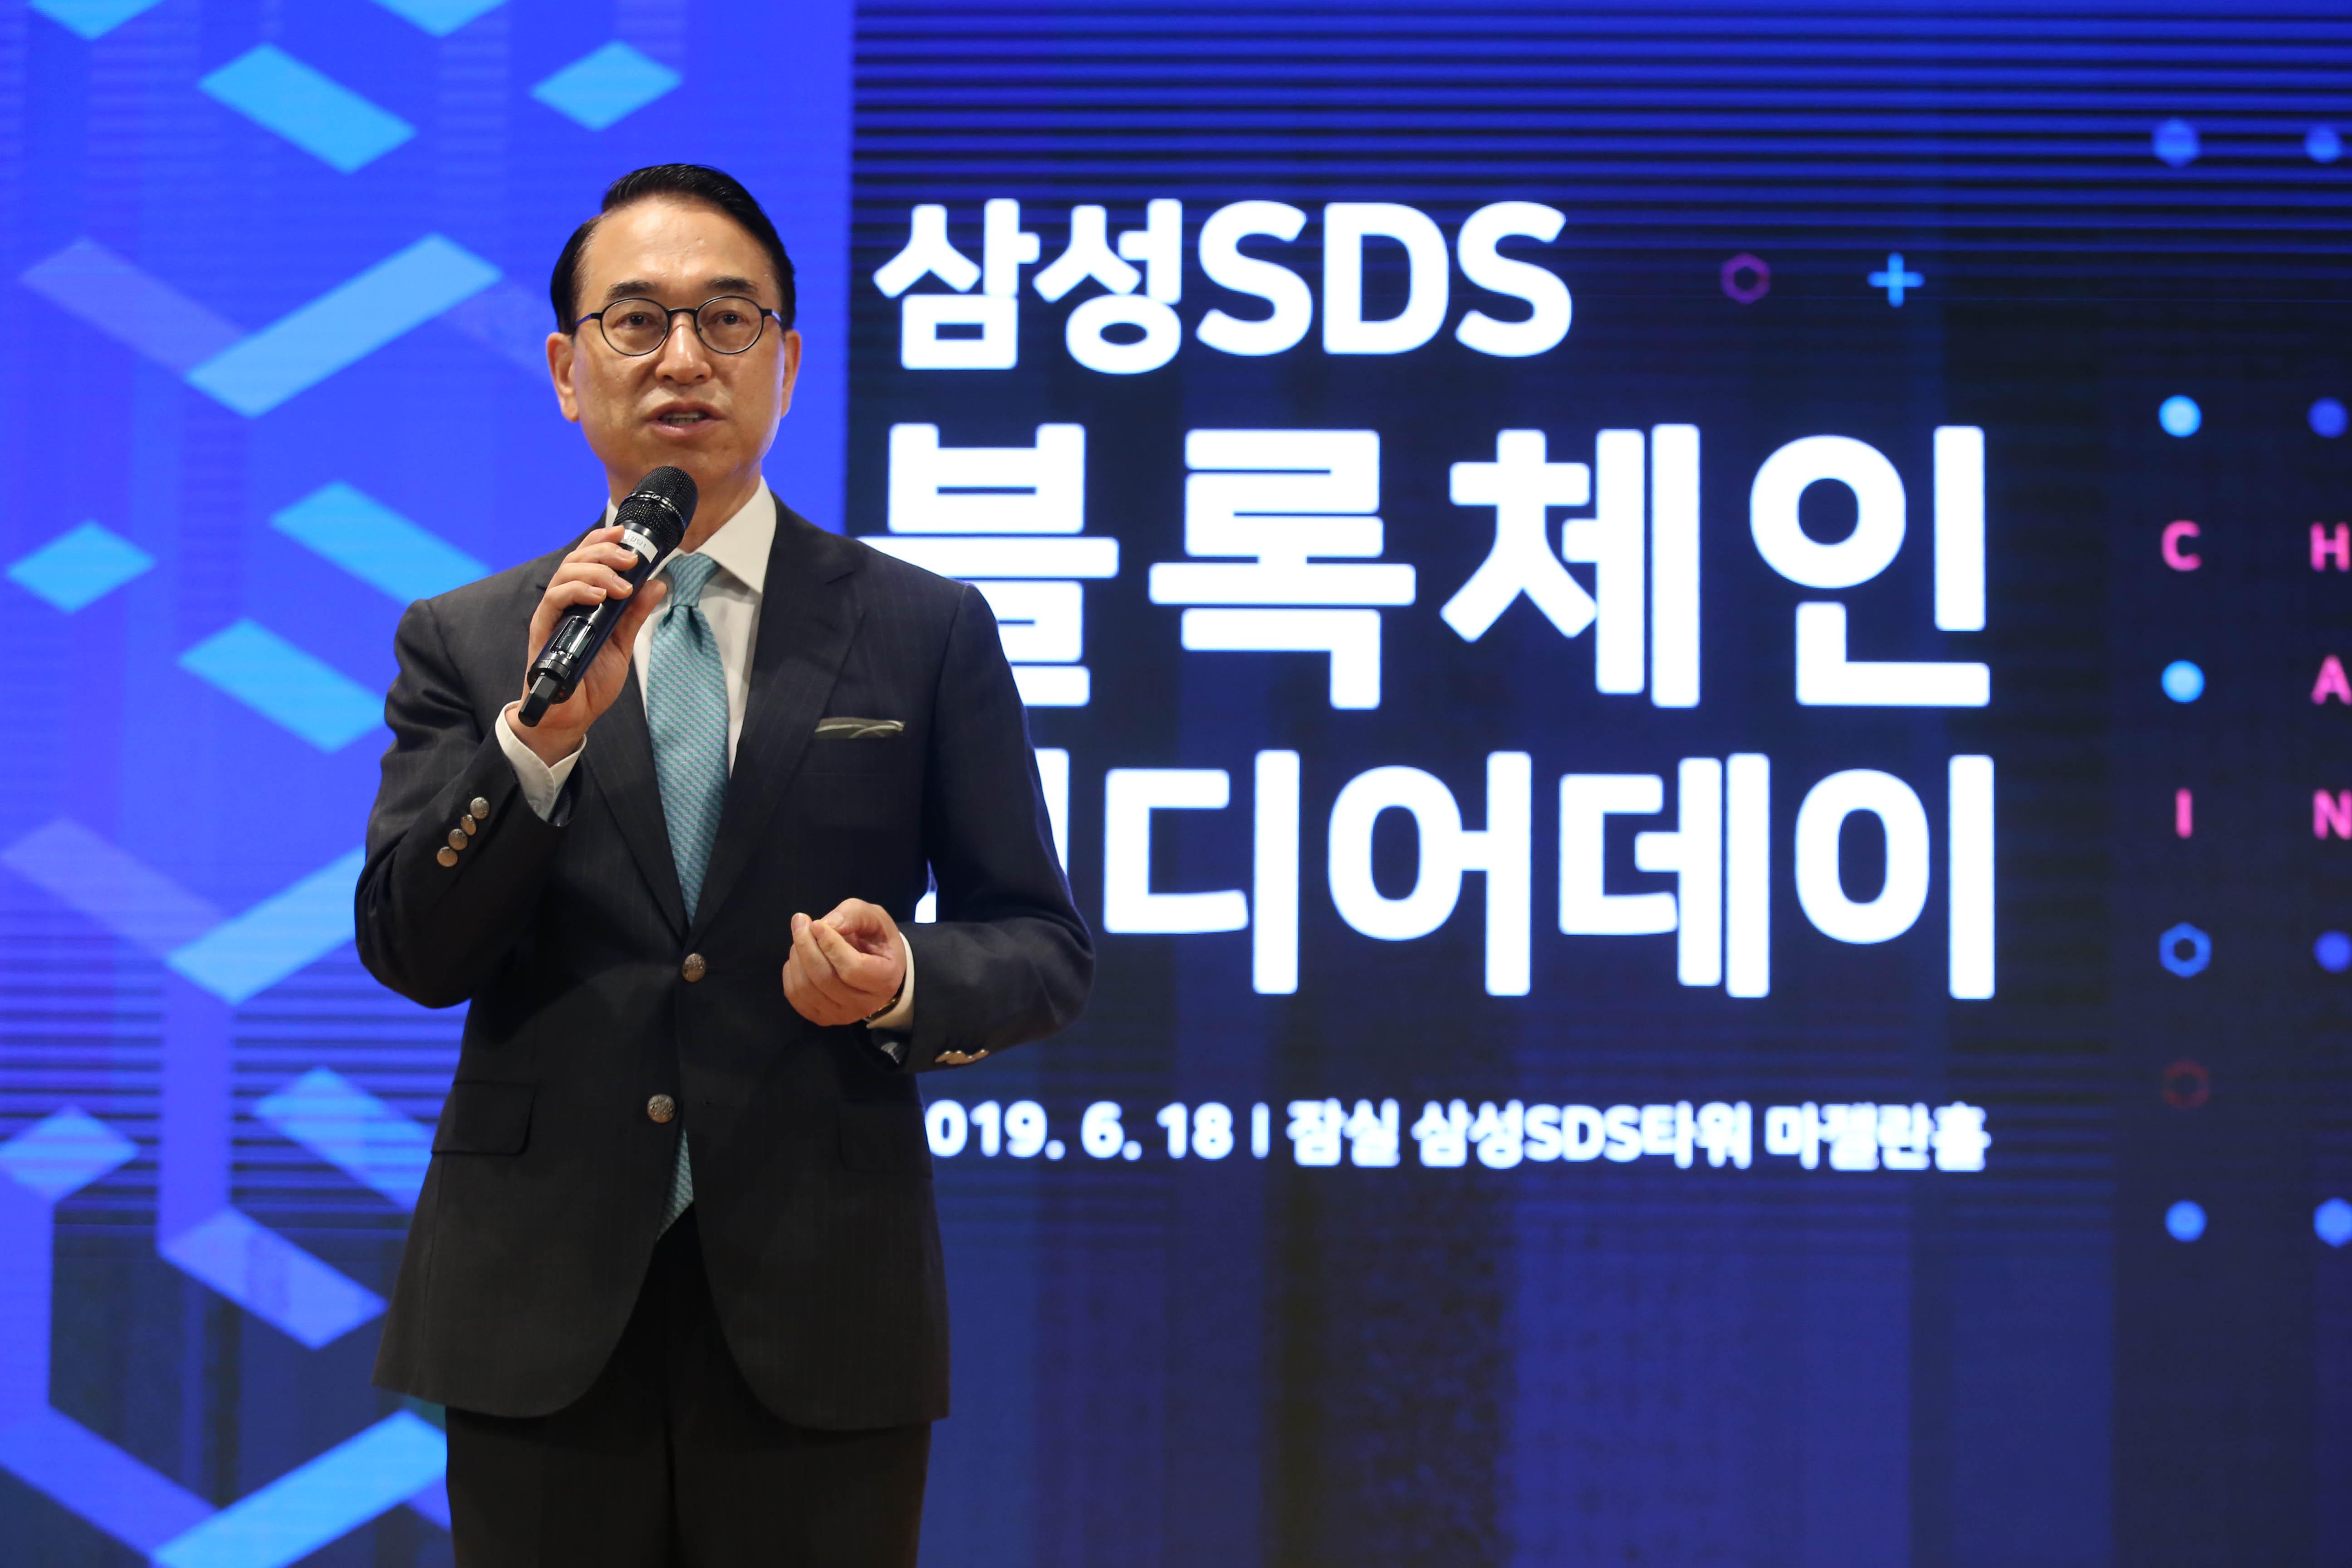 ▲ 홍원표 삼성SDS 대표이사가 블록체인 미디어데이에서 인사말을 하고 있다.